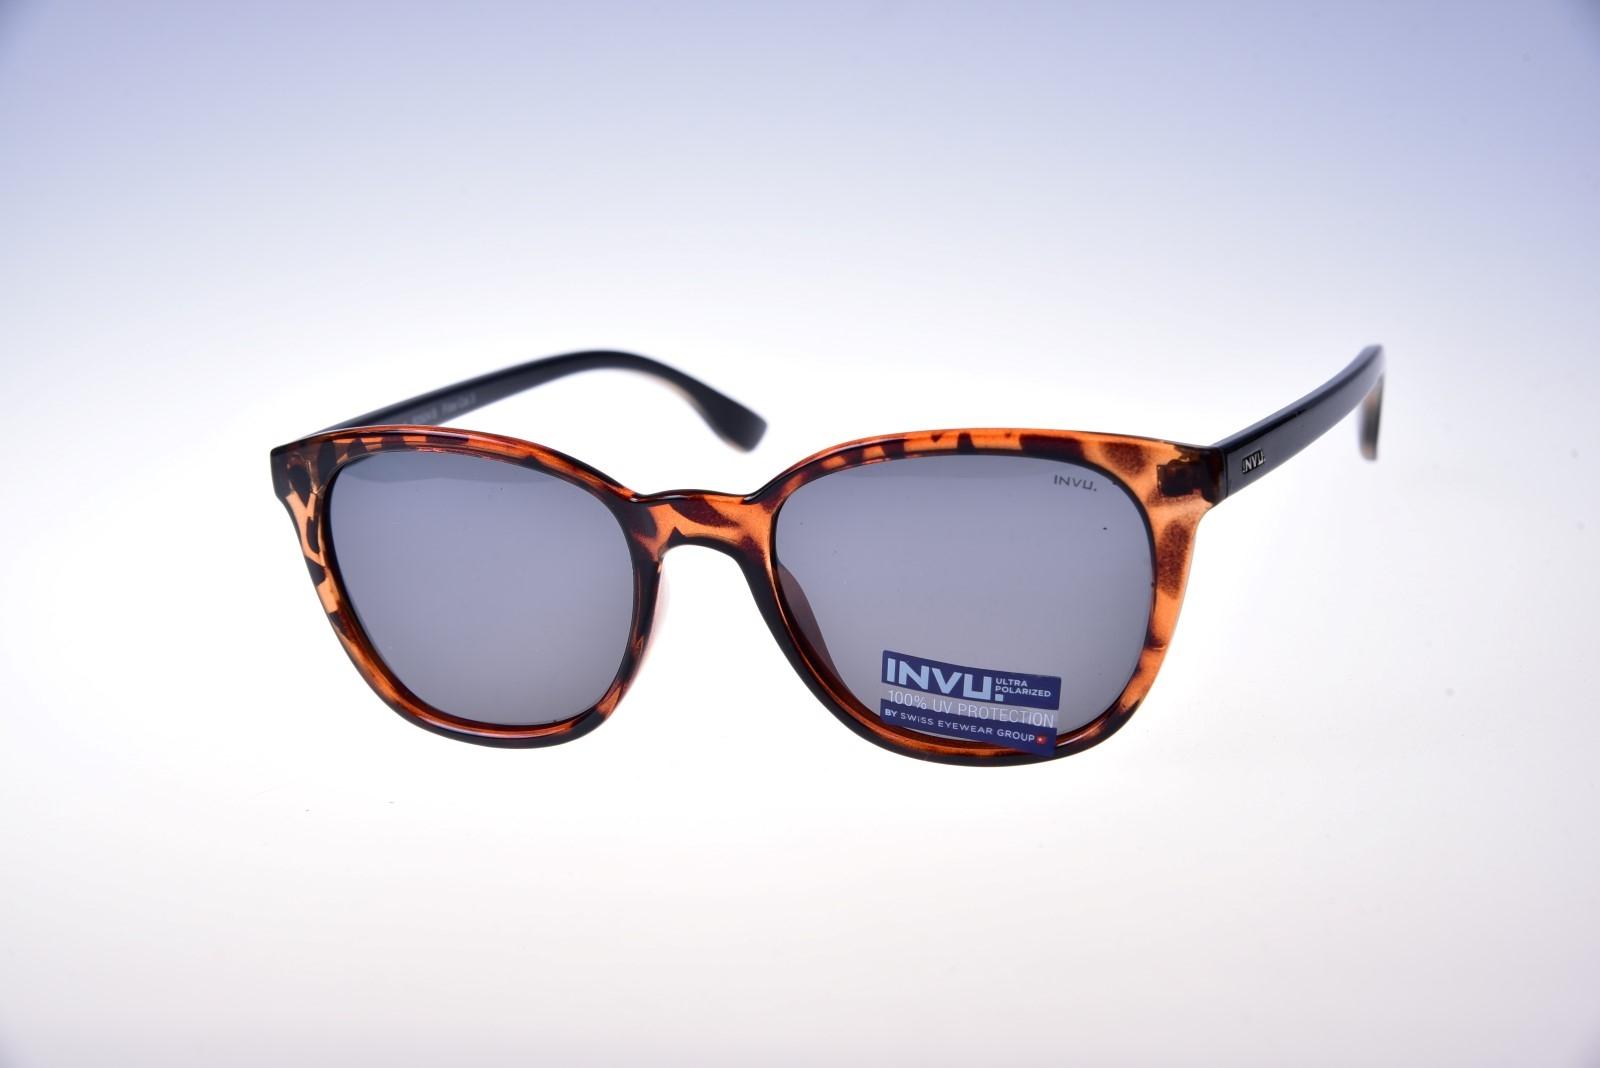 INVU. Classic B2924B - Dámske slnečné okuliare